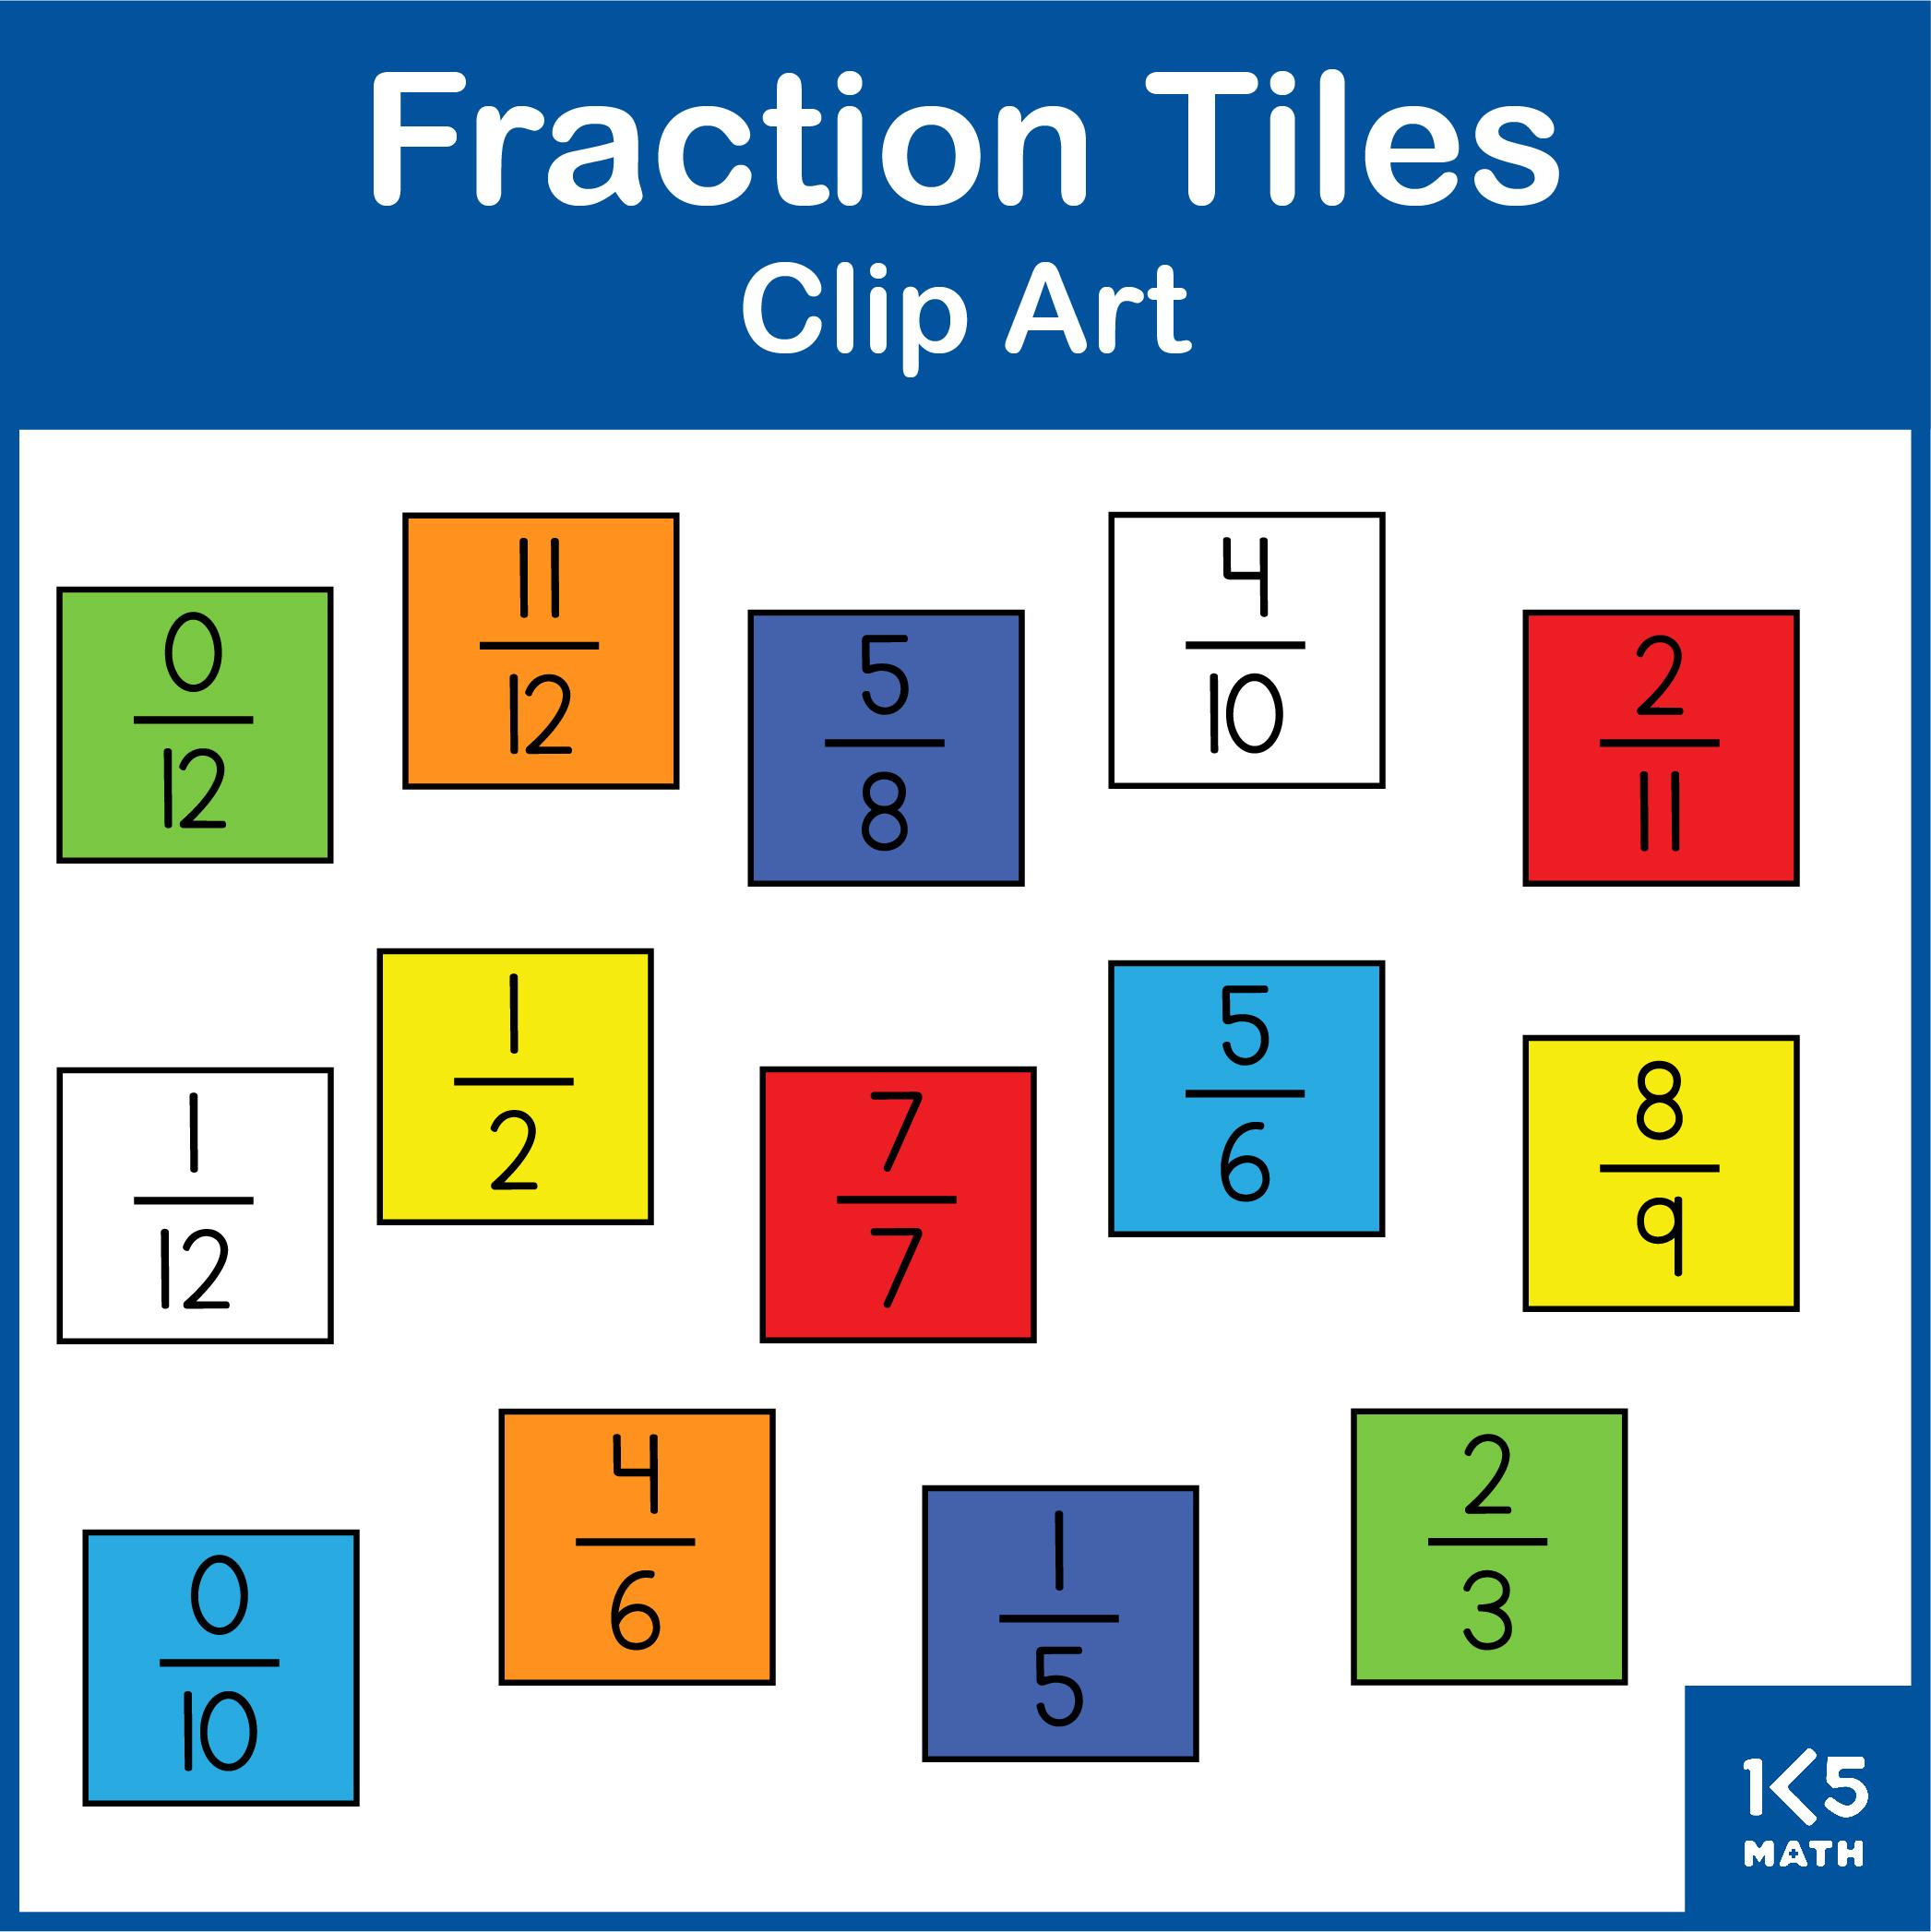 Fraction Tiles Clip Art